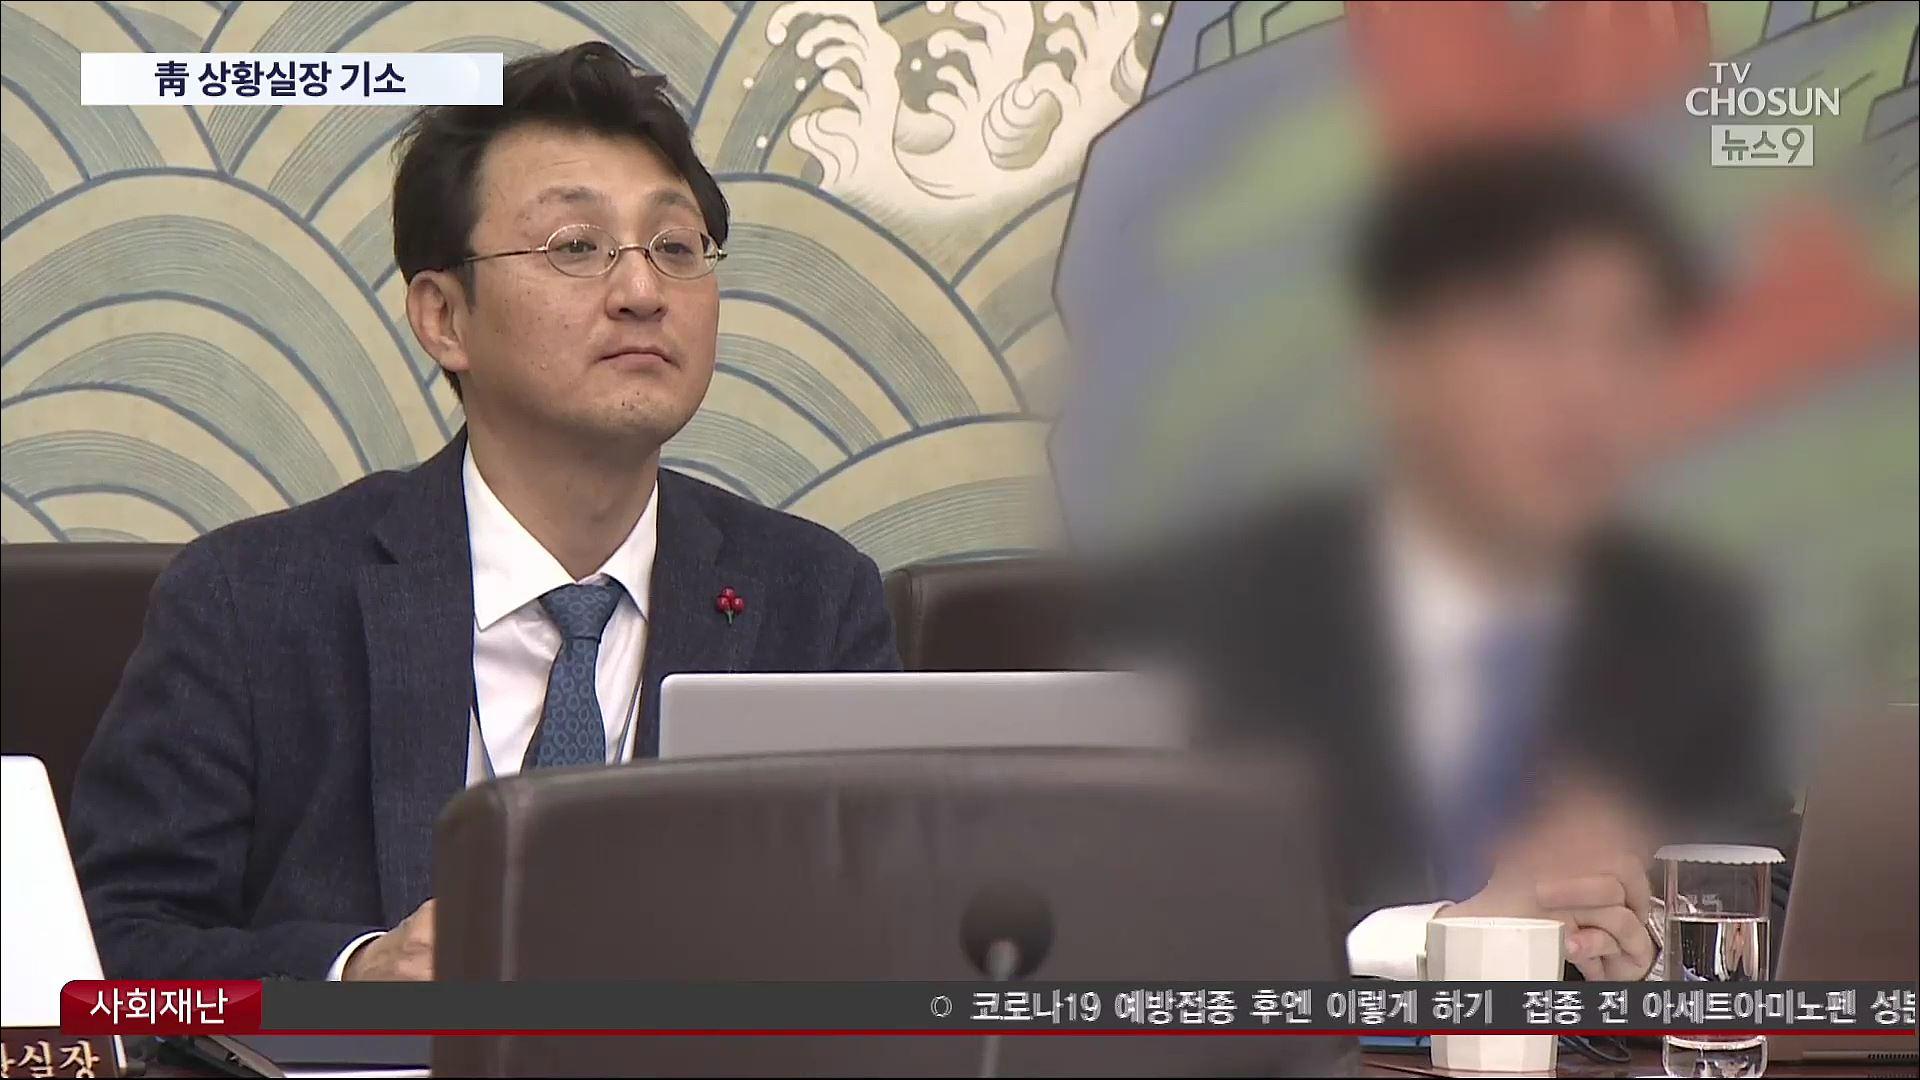 '靑 울산시장 선거개입' 이진석 기소…조국·임종석 무혐의